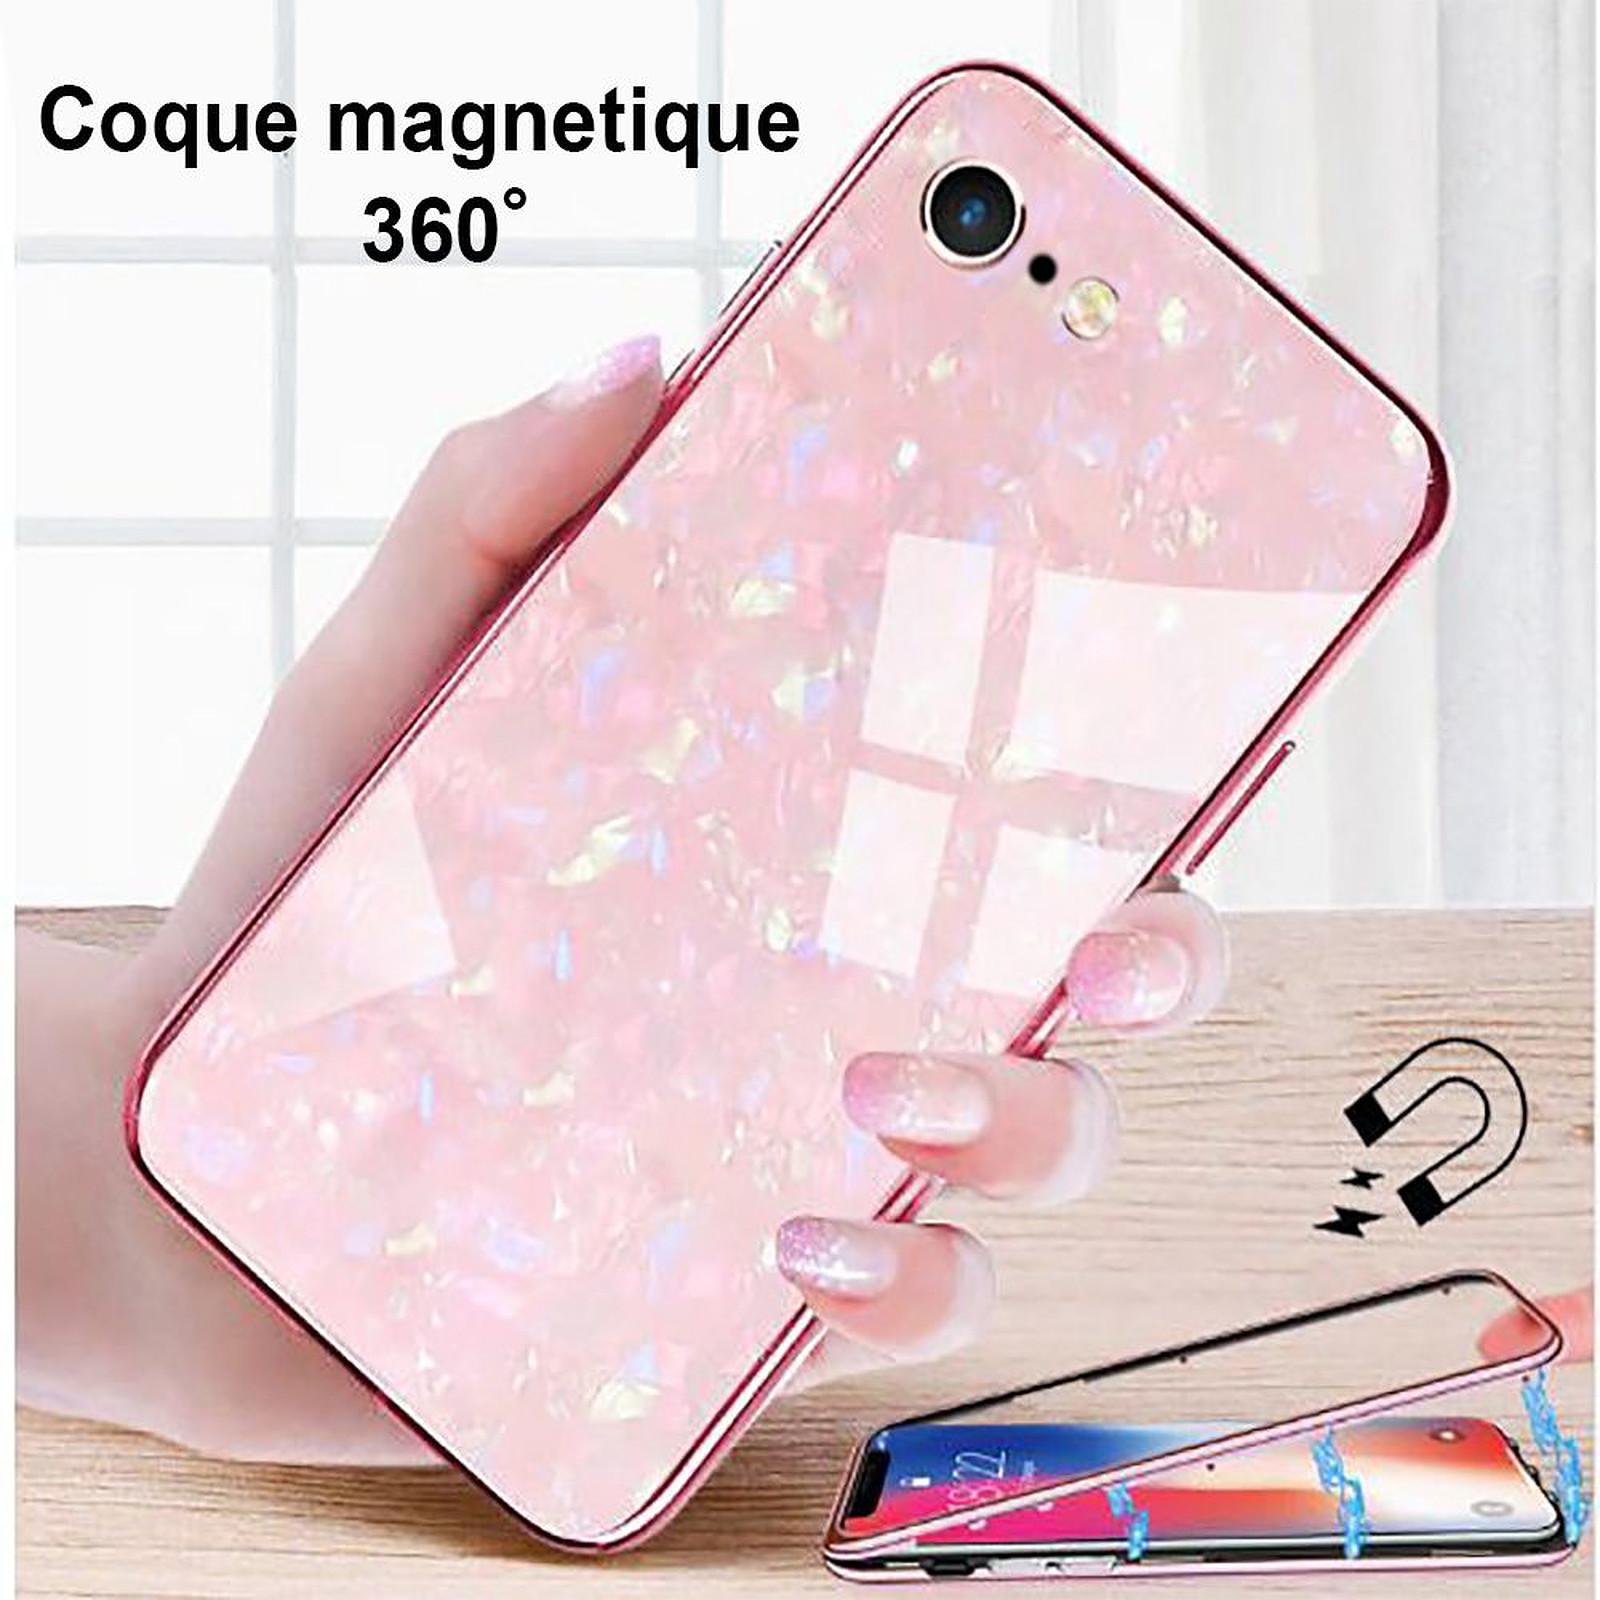 EVETANE Coque intégrale 360 avec film anti-casse pour iPhone 6/6S aimanté- effet marbre brillant rose - Coque téléphone Evetane sur LDLC